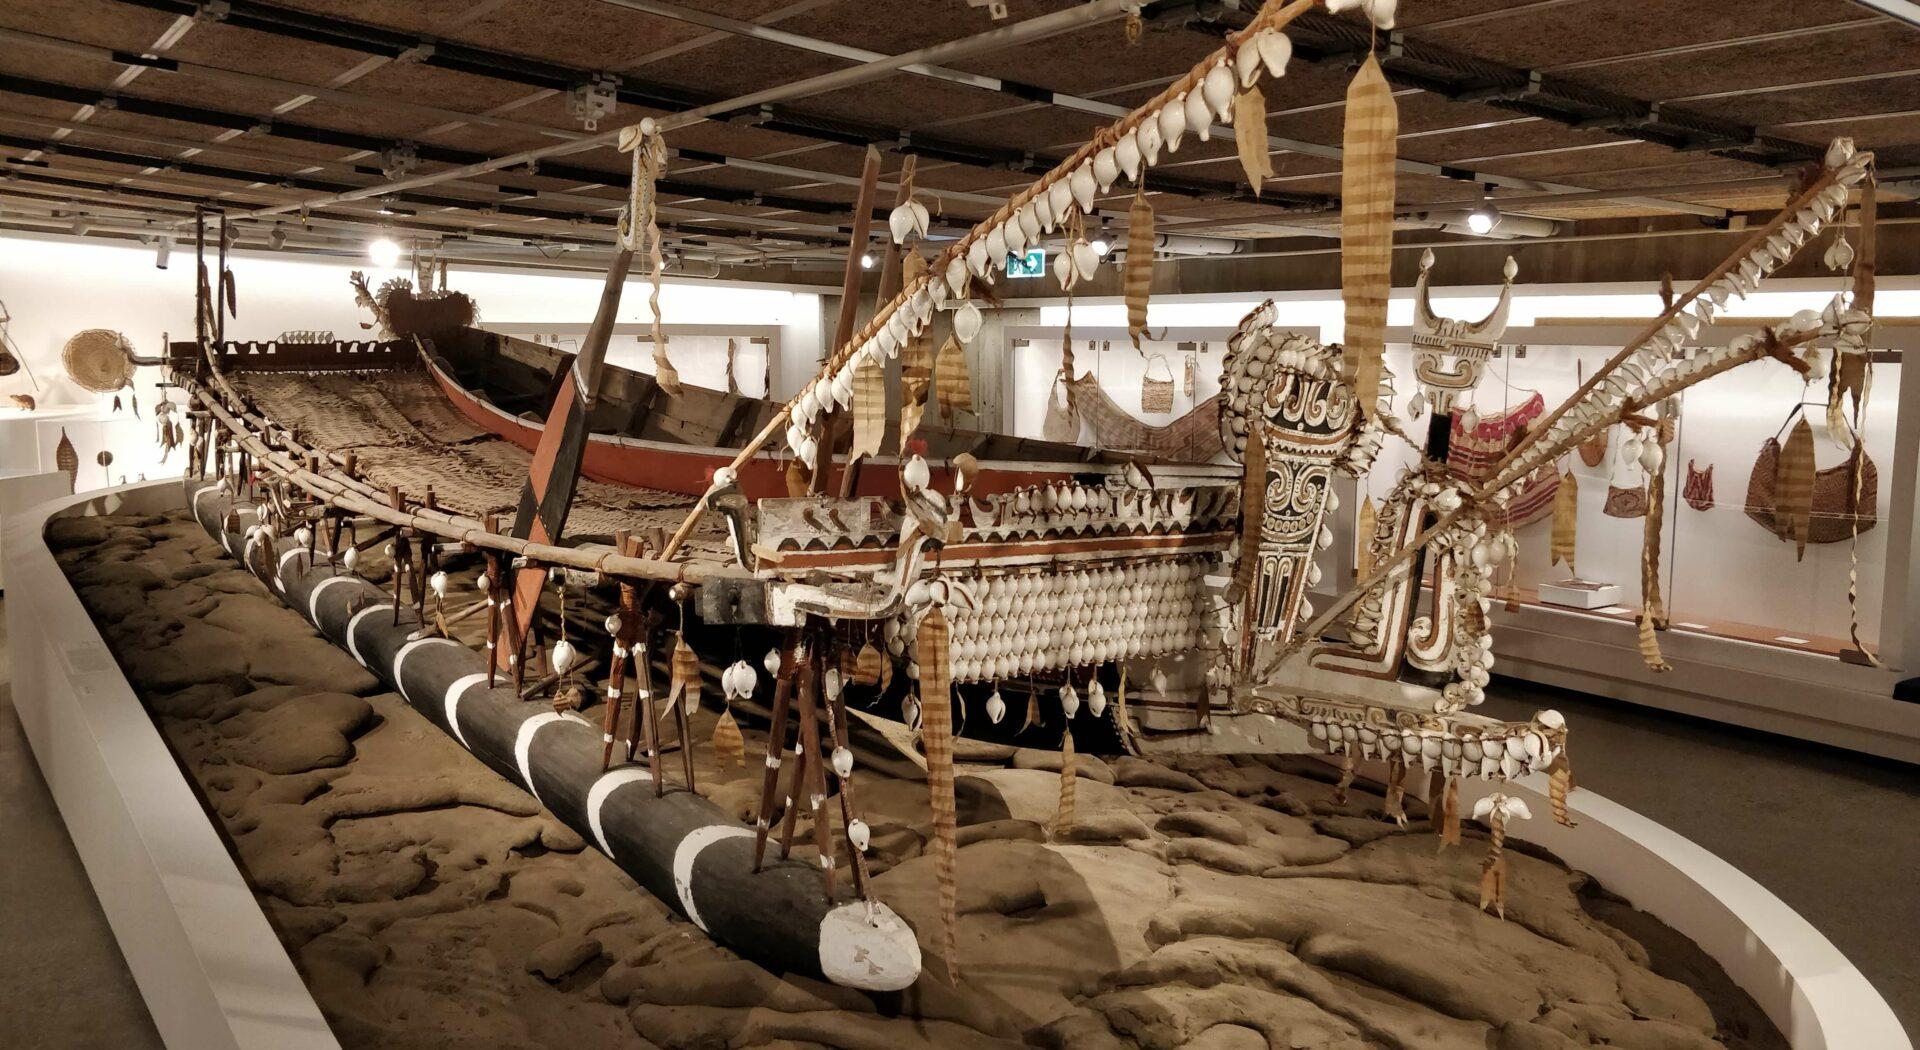 Megastaselig utriggerkano! De tradisjonelle båtene trobrianderne opprinnelig brukte for å ferdes mellom øyene er med avstand de mest kreative vi har sett.